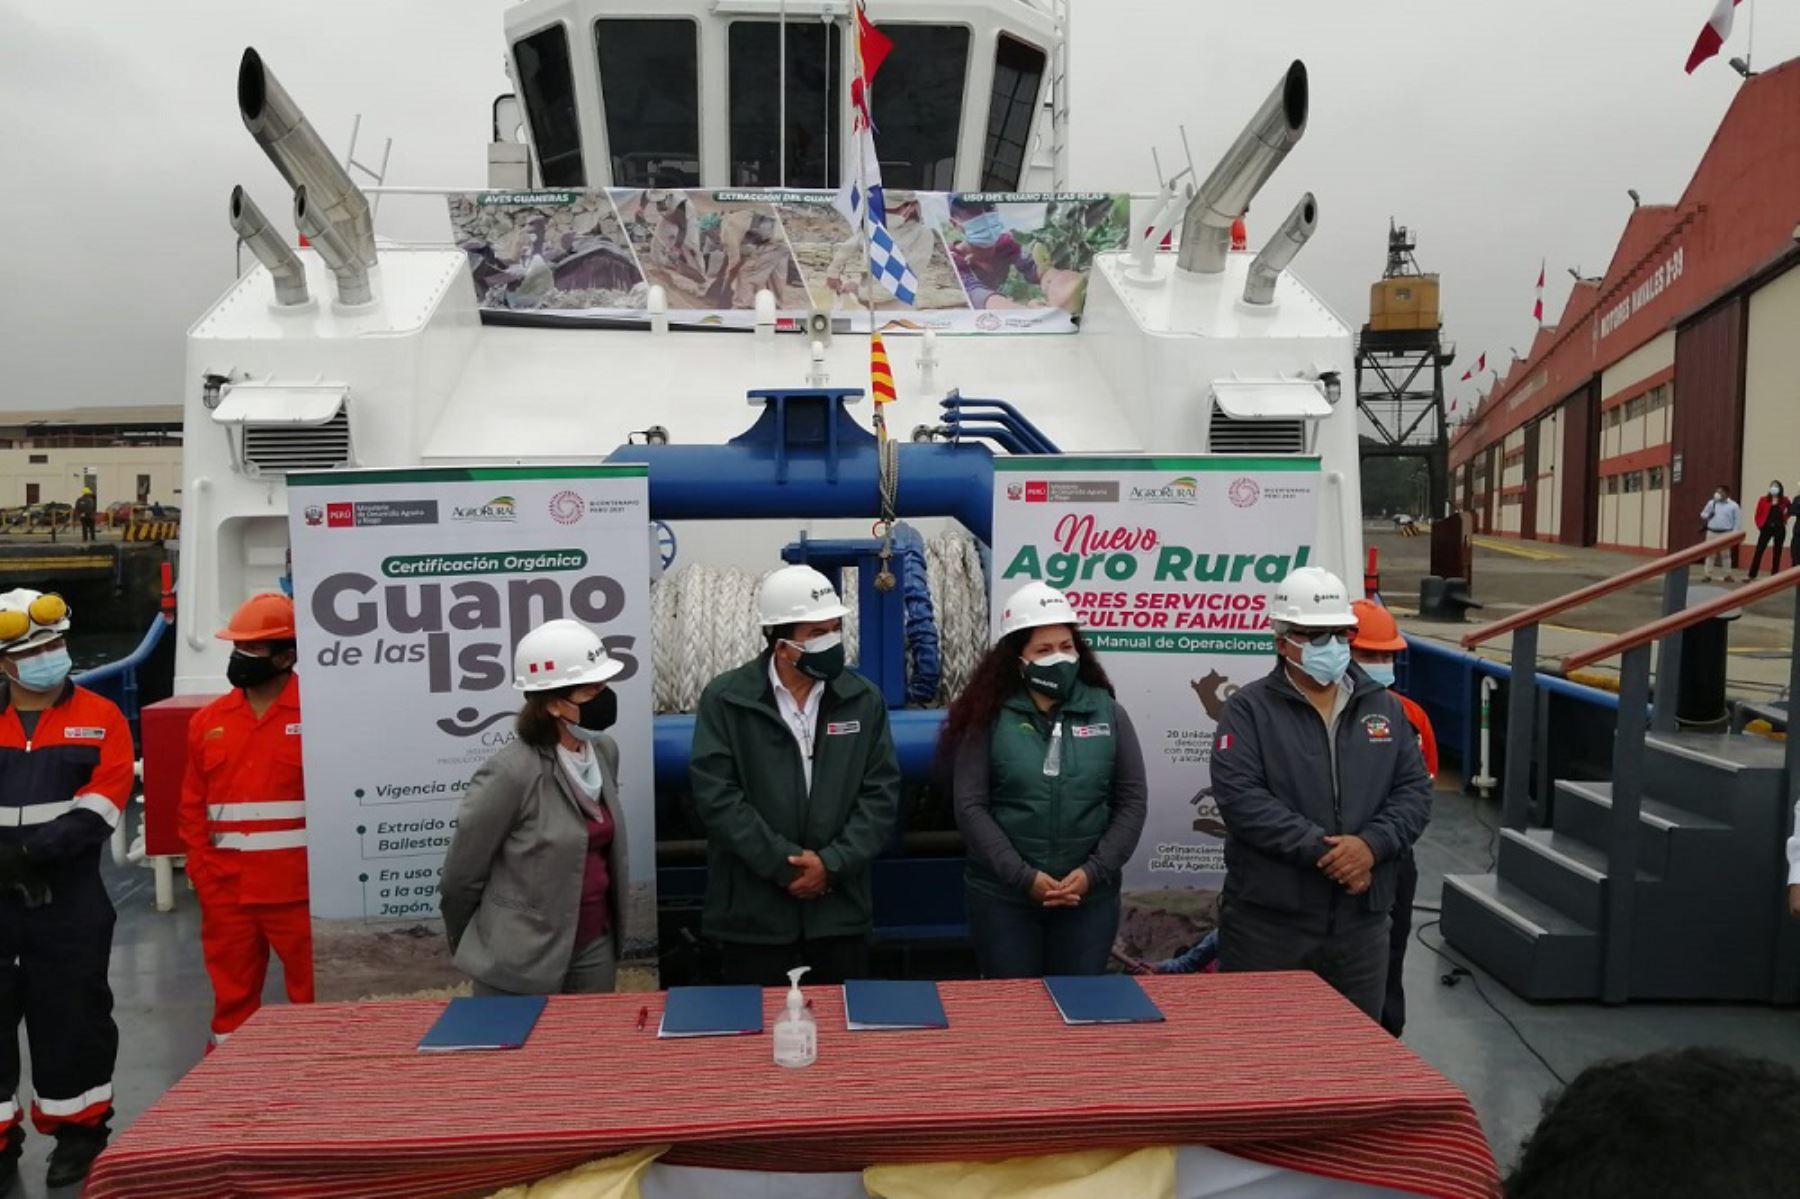 Durante la ceremonia se hizo la entrega del Guanay, una embarcación que podrá transportar 30,000 toneladas de guano de las islas. Foto: ANDINA/Sernanp